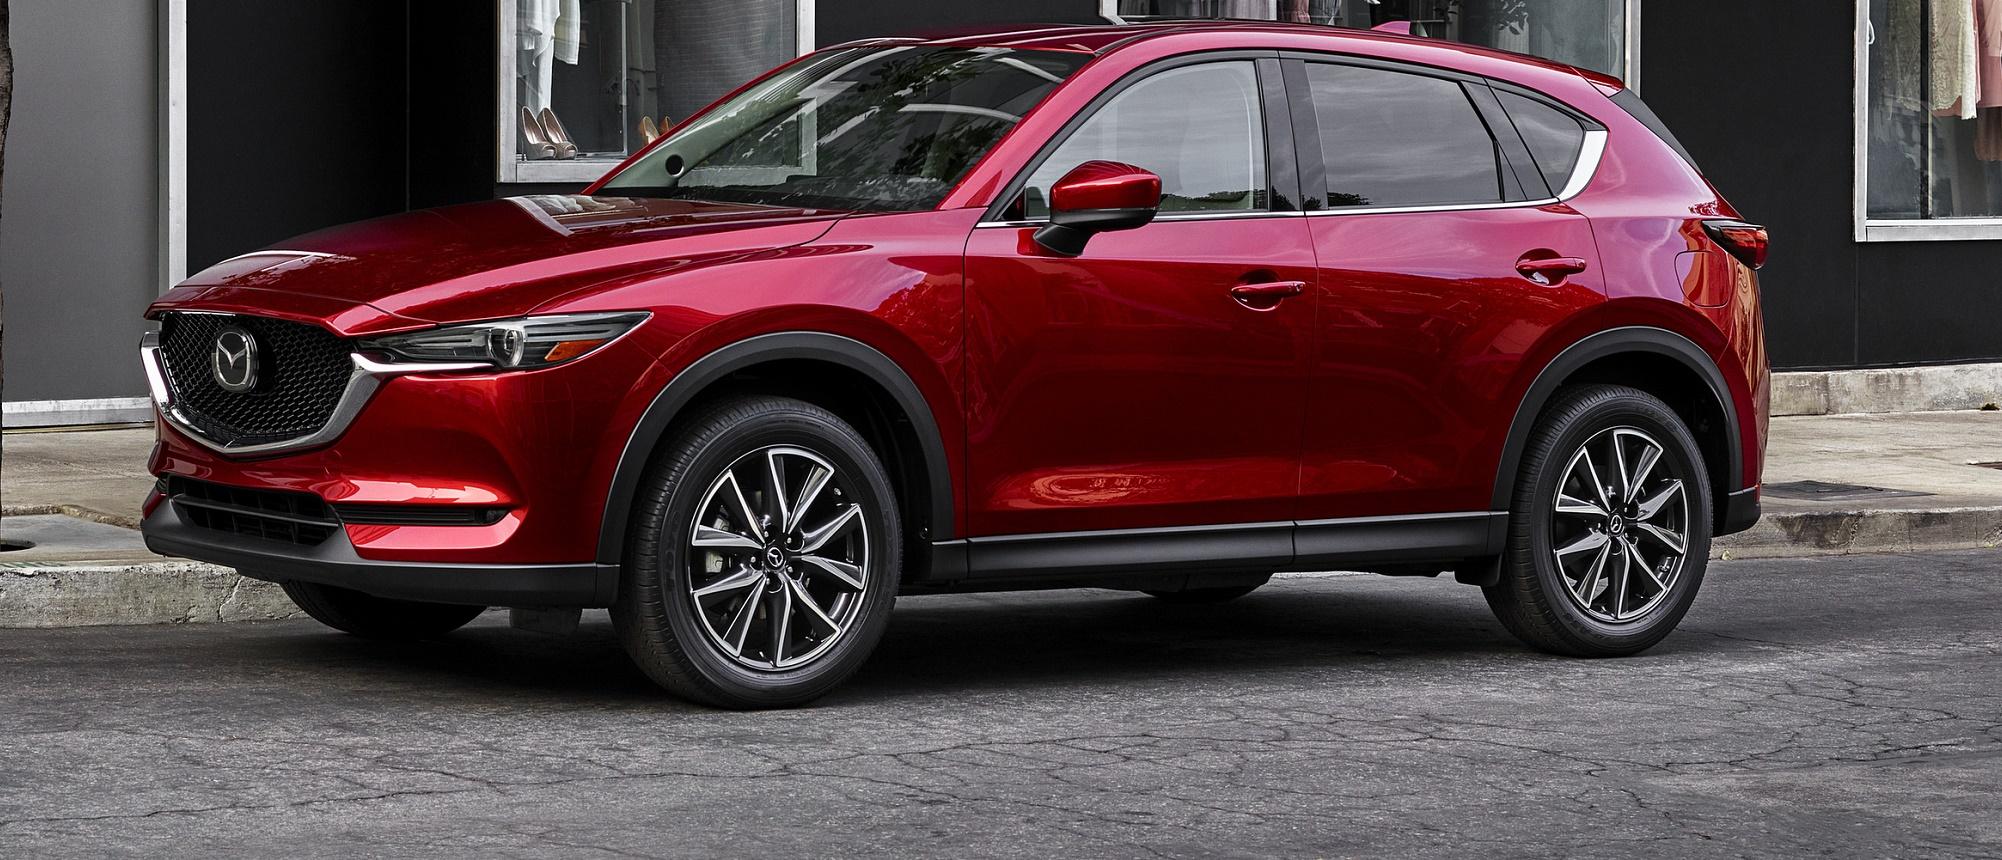 Nuovo Mazda CX-5: linee aggressive ed emozionanti